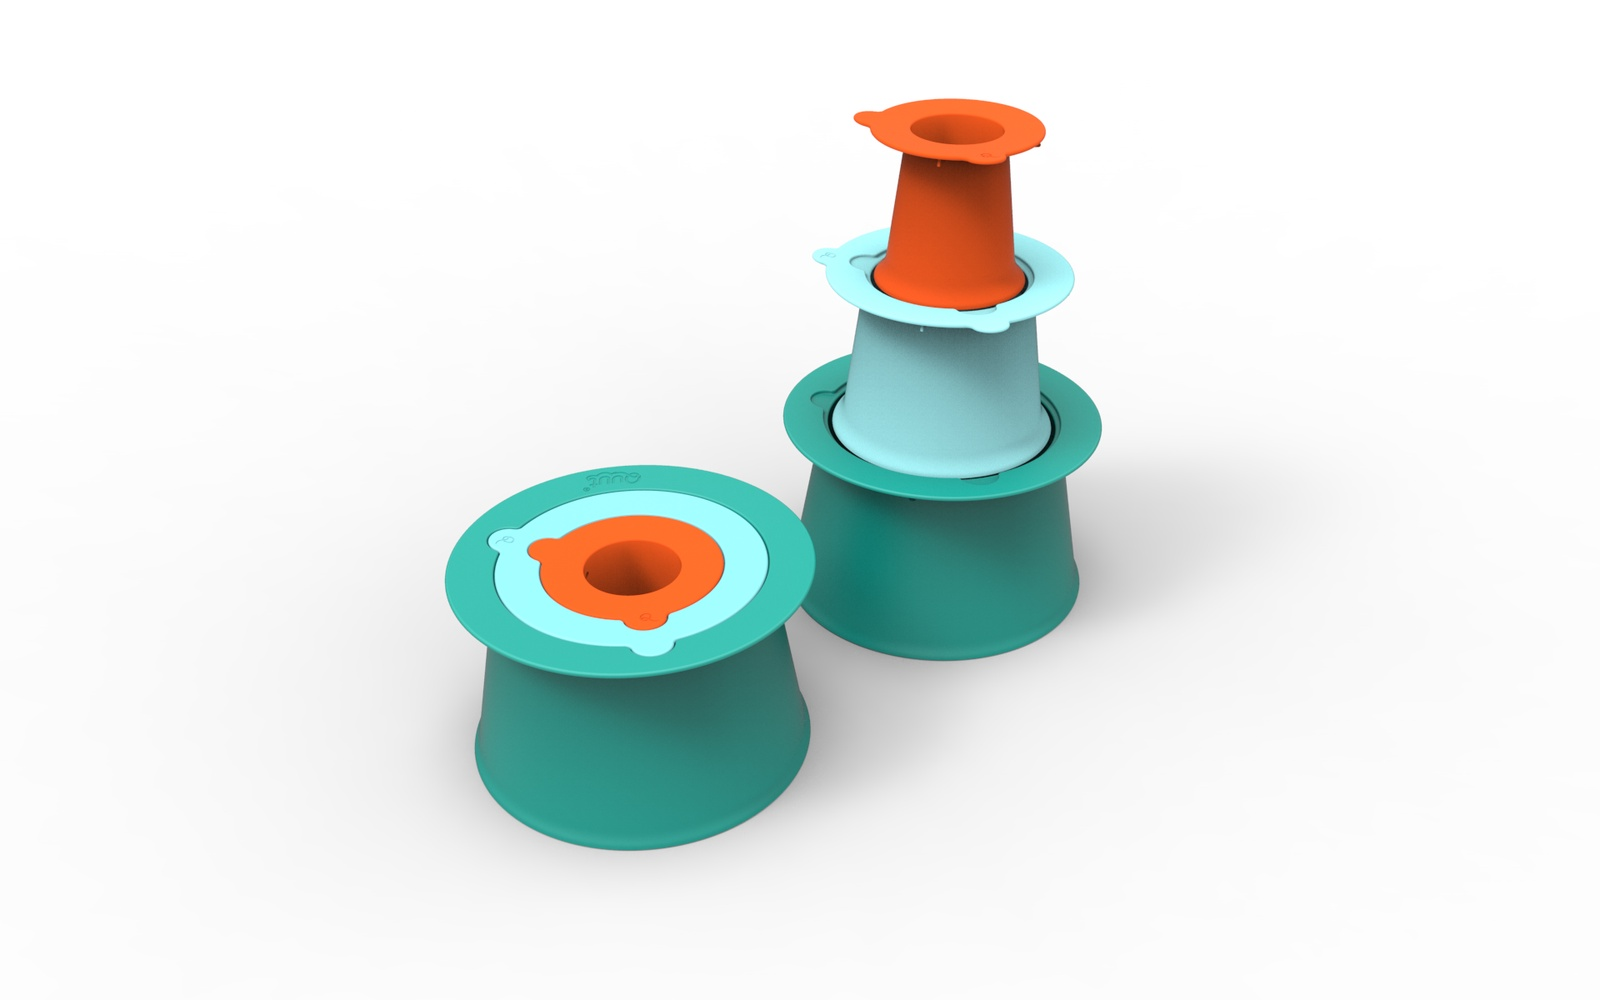 цена Игрушка для песочницы Quut 171393 зеленый, синий, оранжевый онлайн в 2017 году